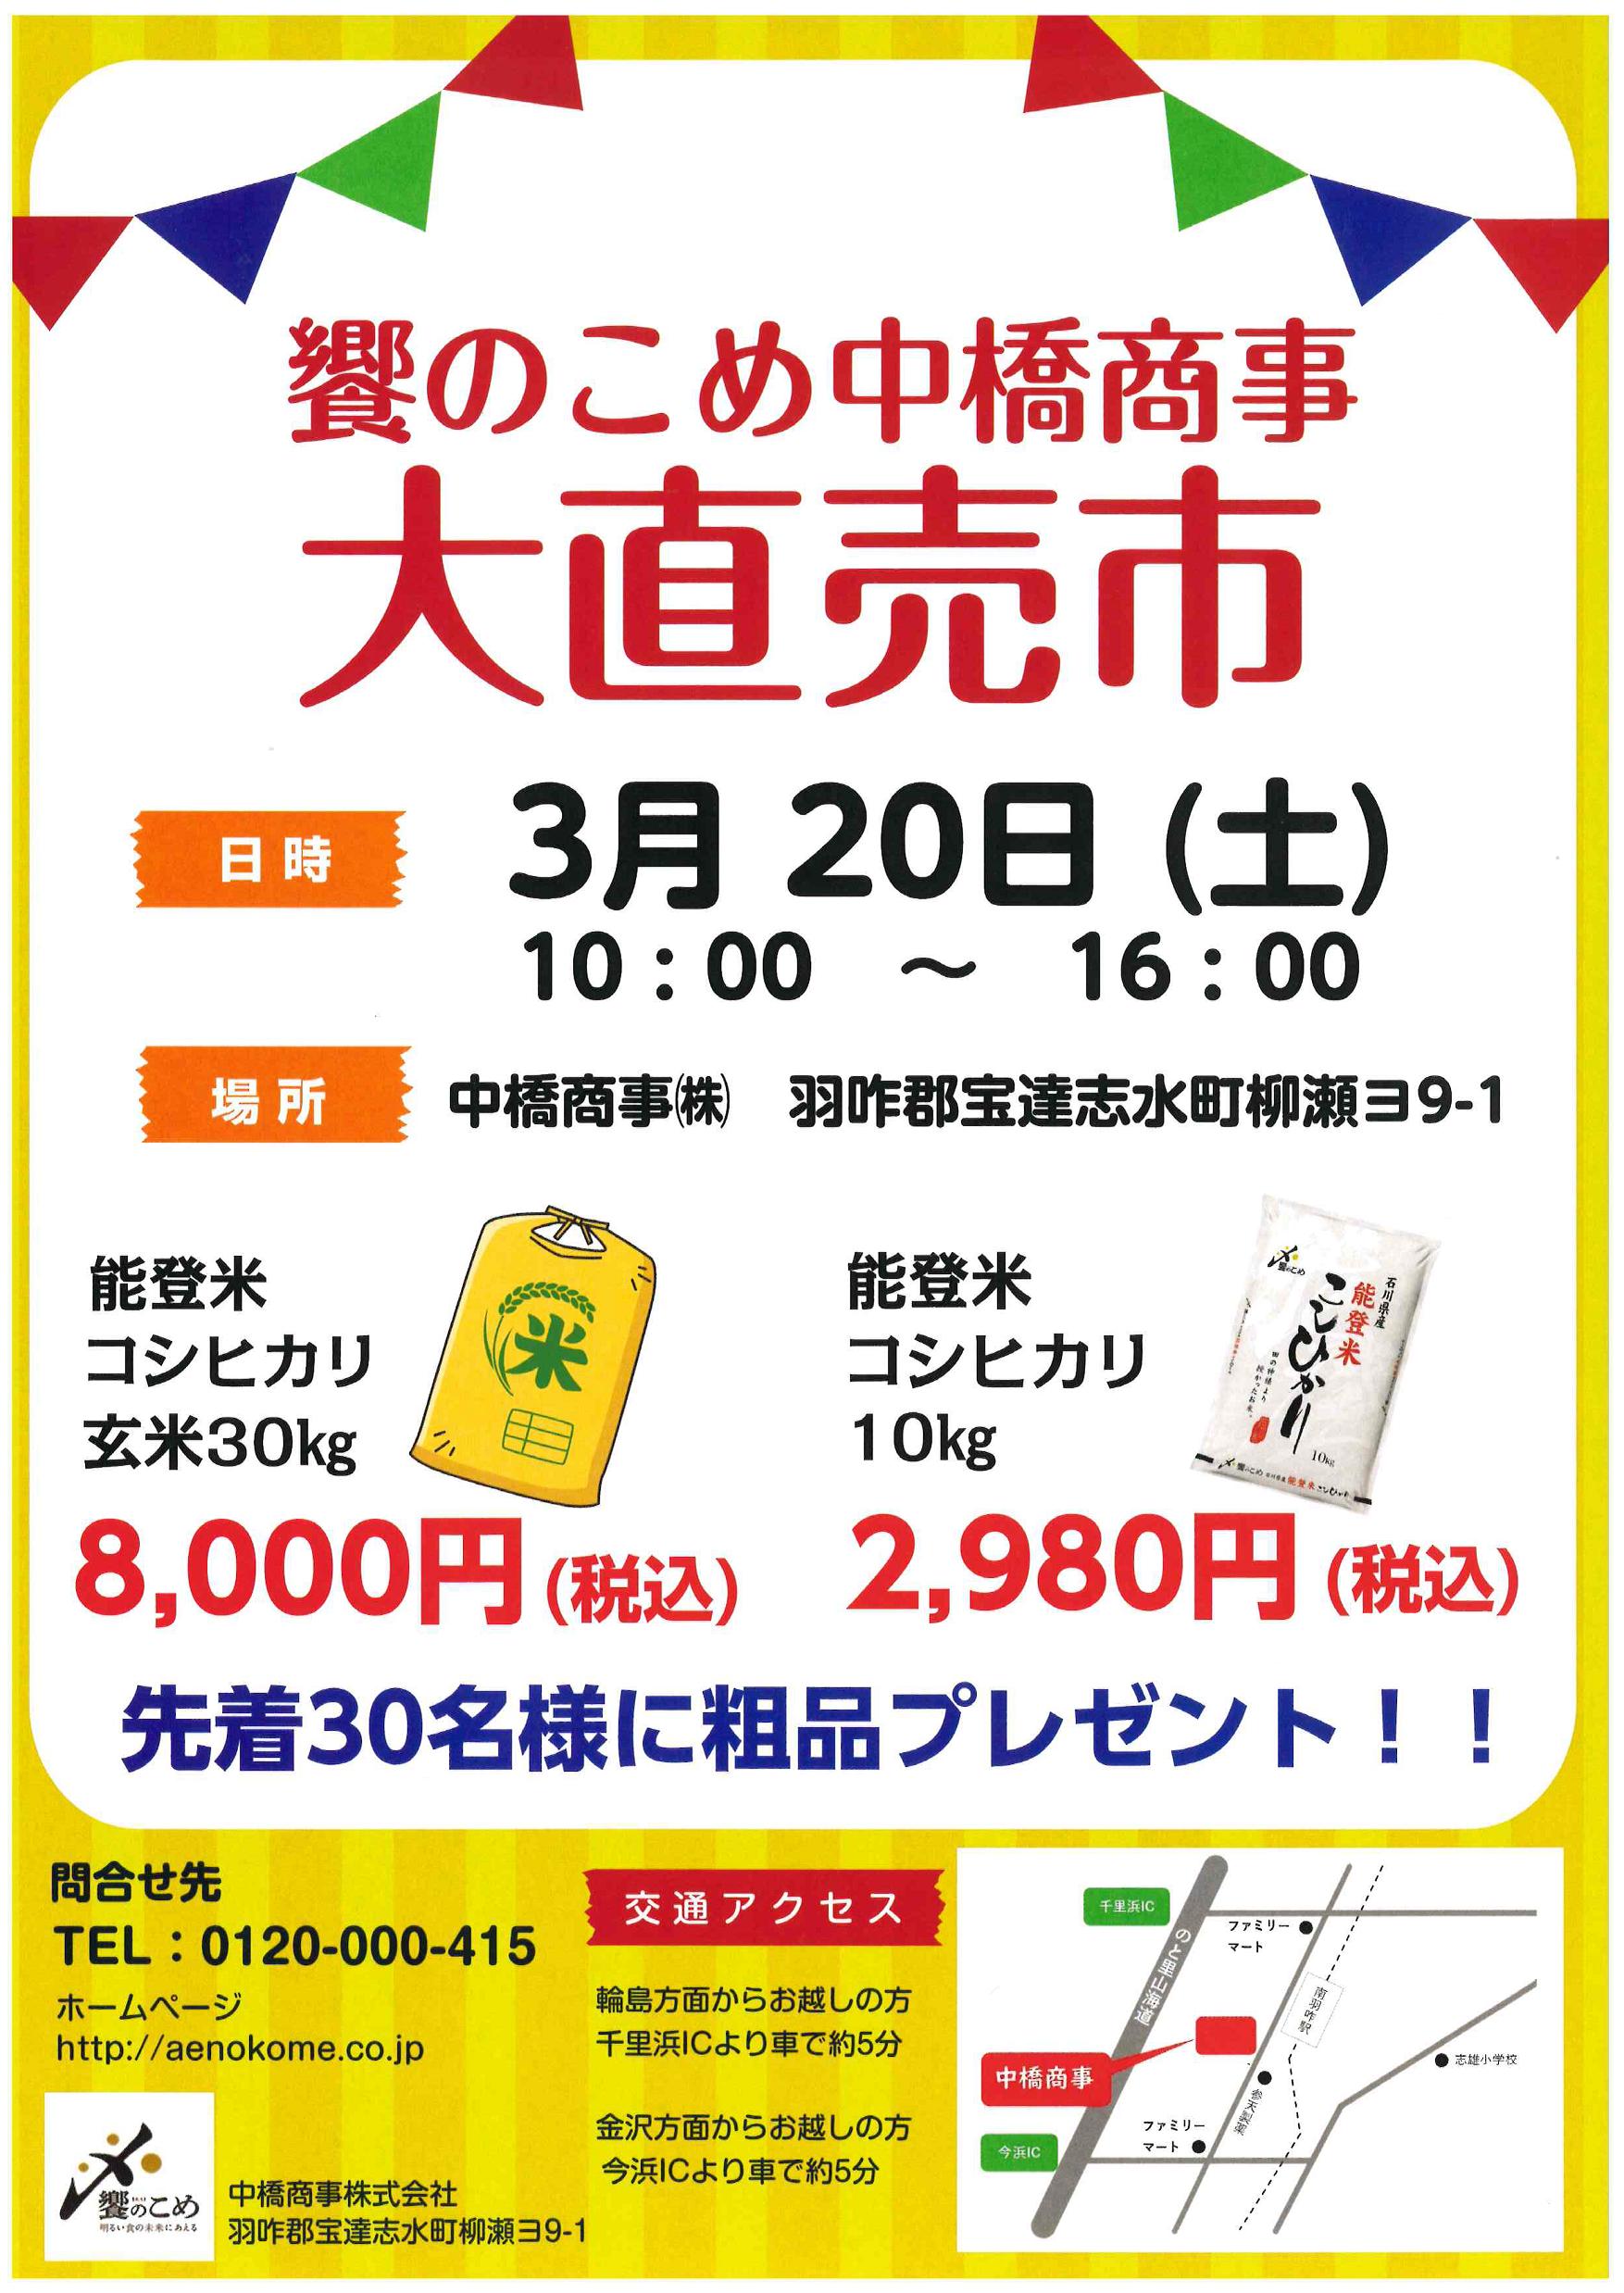 中橋商事【饗のこめ】大直売市!